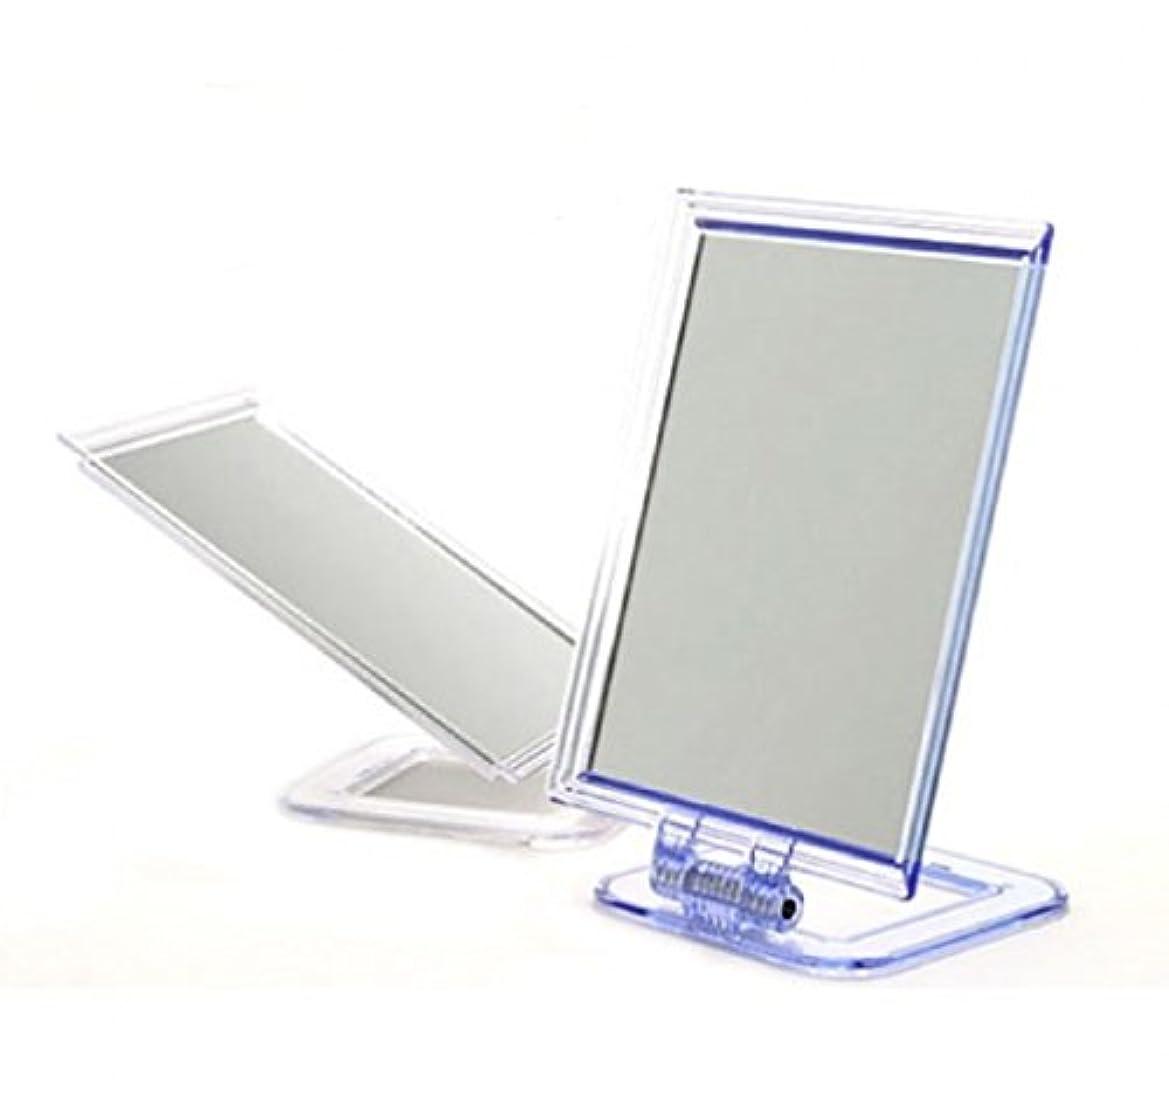 一人で進むコード卓上サイズ 置き鏡 スタンドミラー 化粧 必需品 シンプル 便利 パラデック 折りたたみ式 ミラー